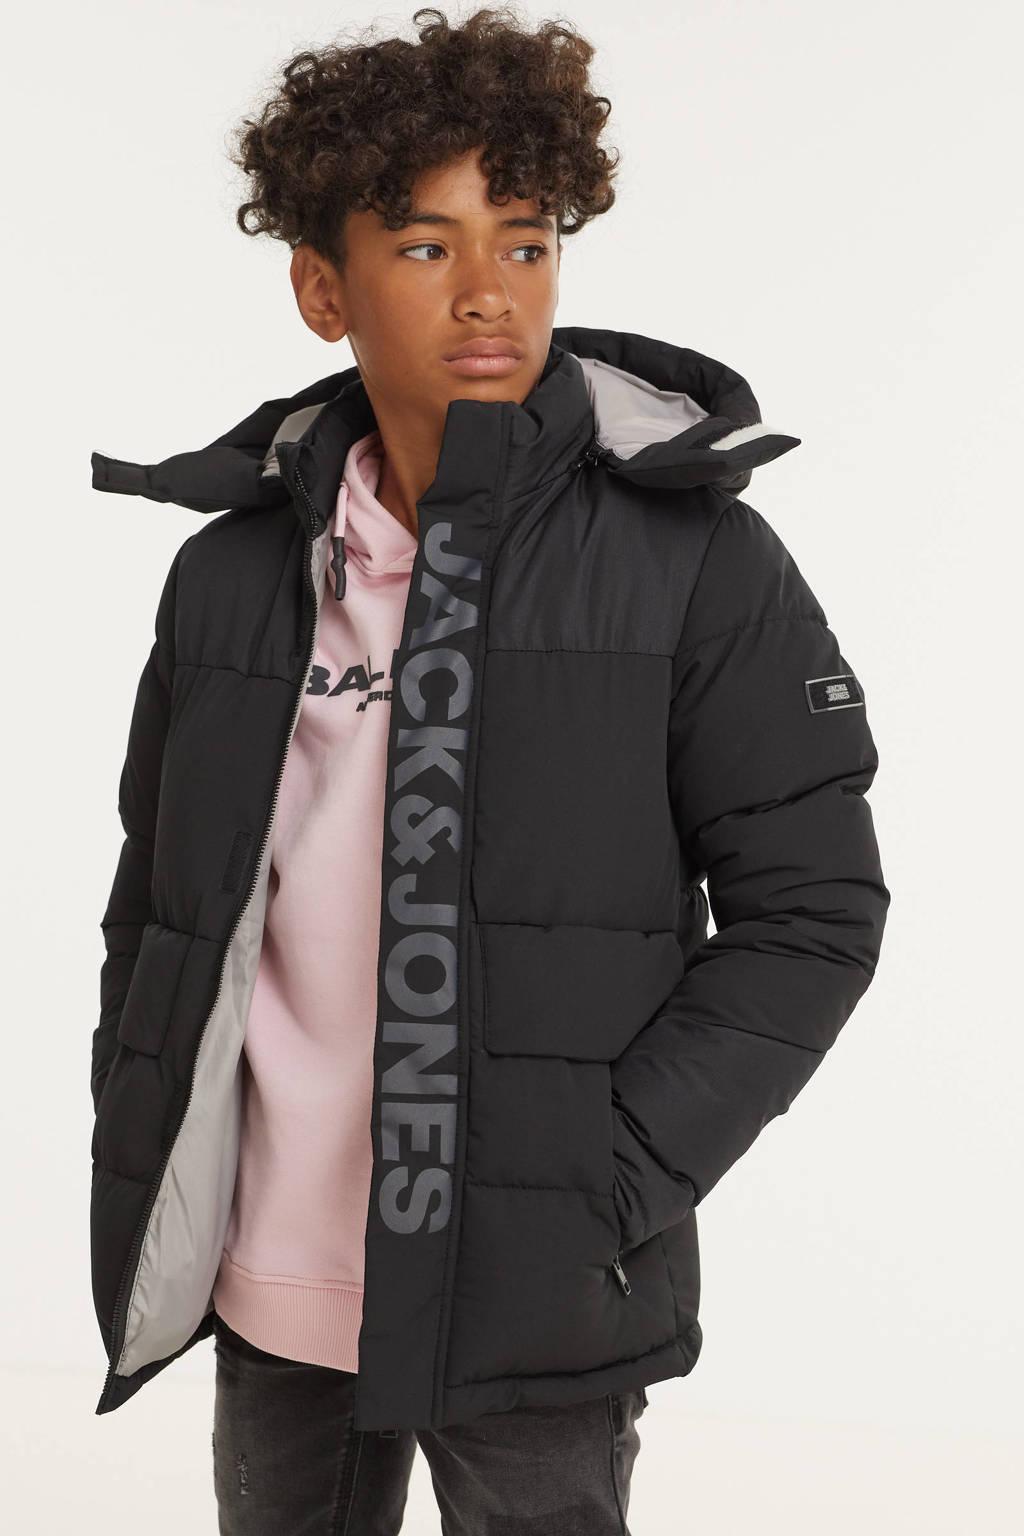 JACK & JONES JUNIOR gewatteerde winterjas JCOPACE met logo zwart, Zwart